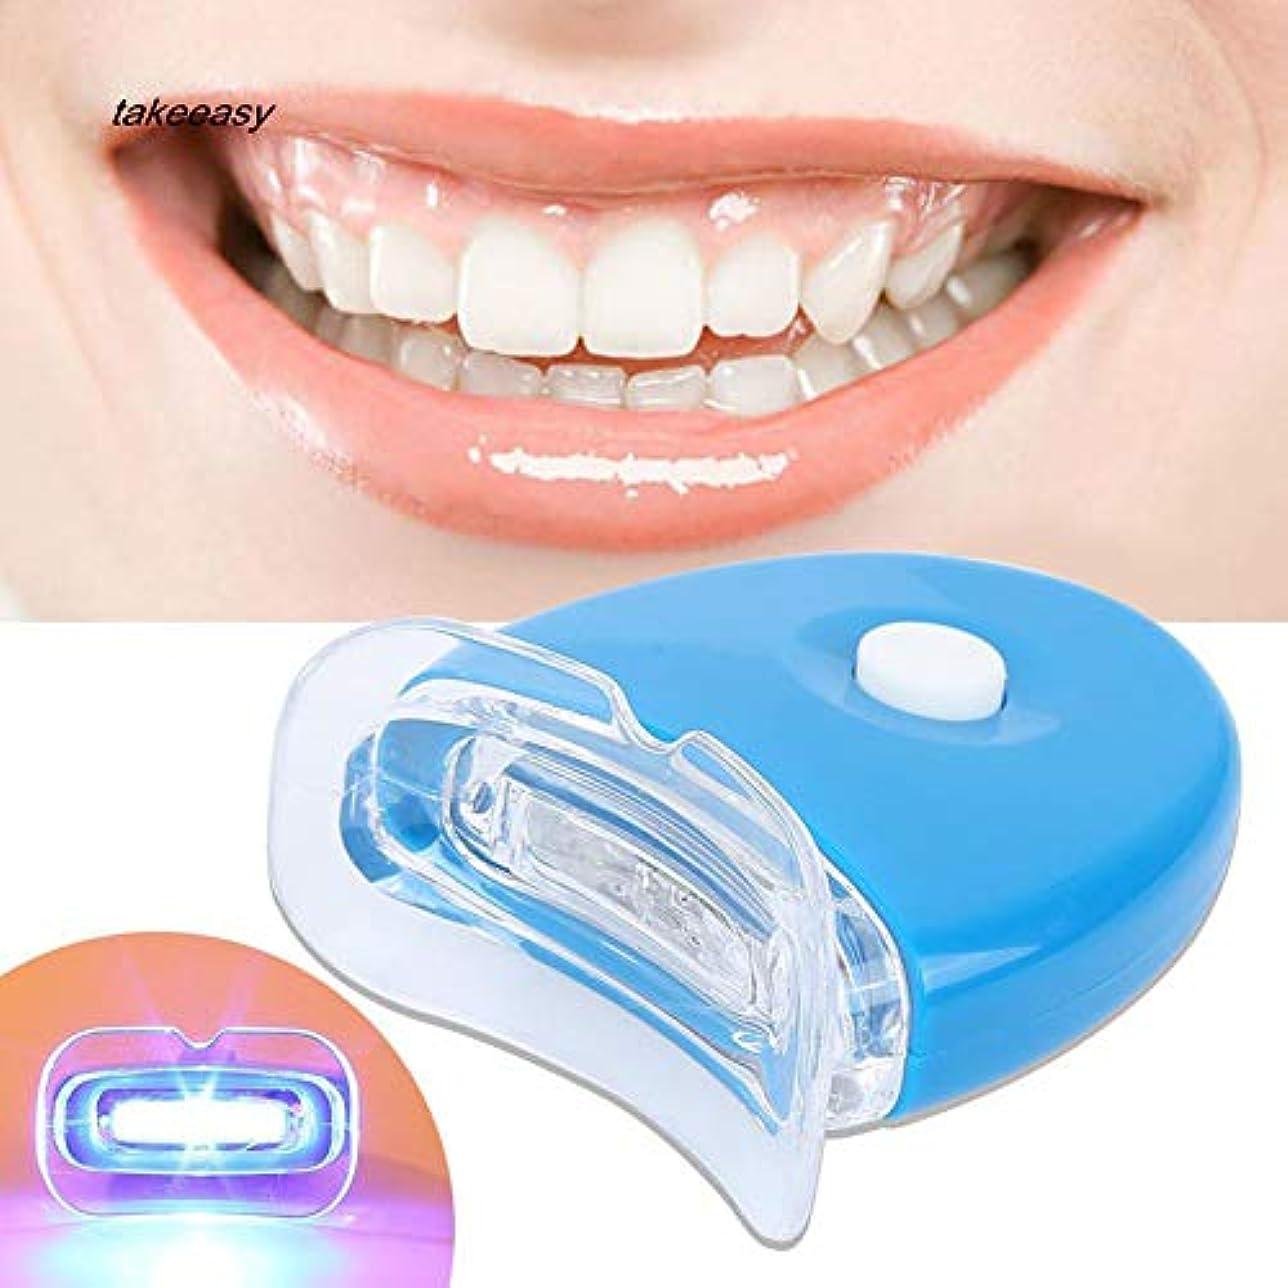 ハンディサンプル脊椎歯ホワイトニング器 歯美白器 美歯器 ホワイトニング ホワイトナー ケア 歯の消しゴム 歯科機器 口腔ゲルキット ライト付き 歯を白くする